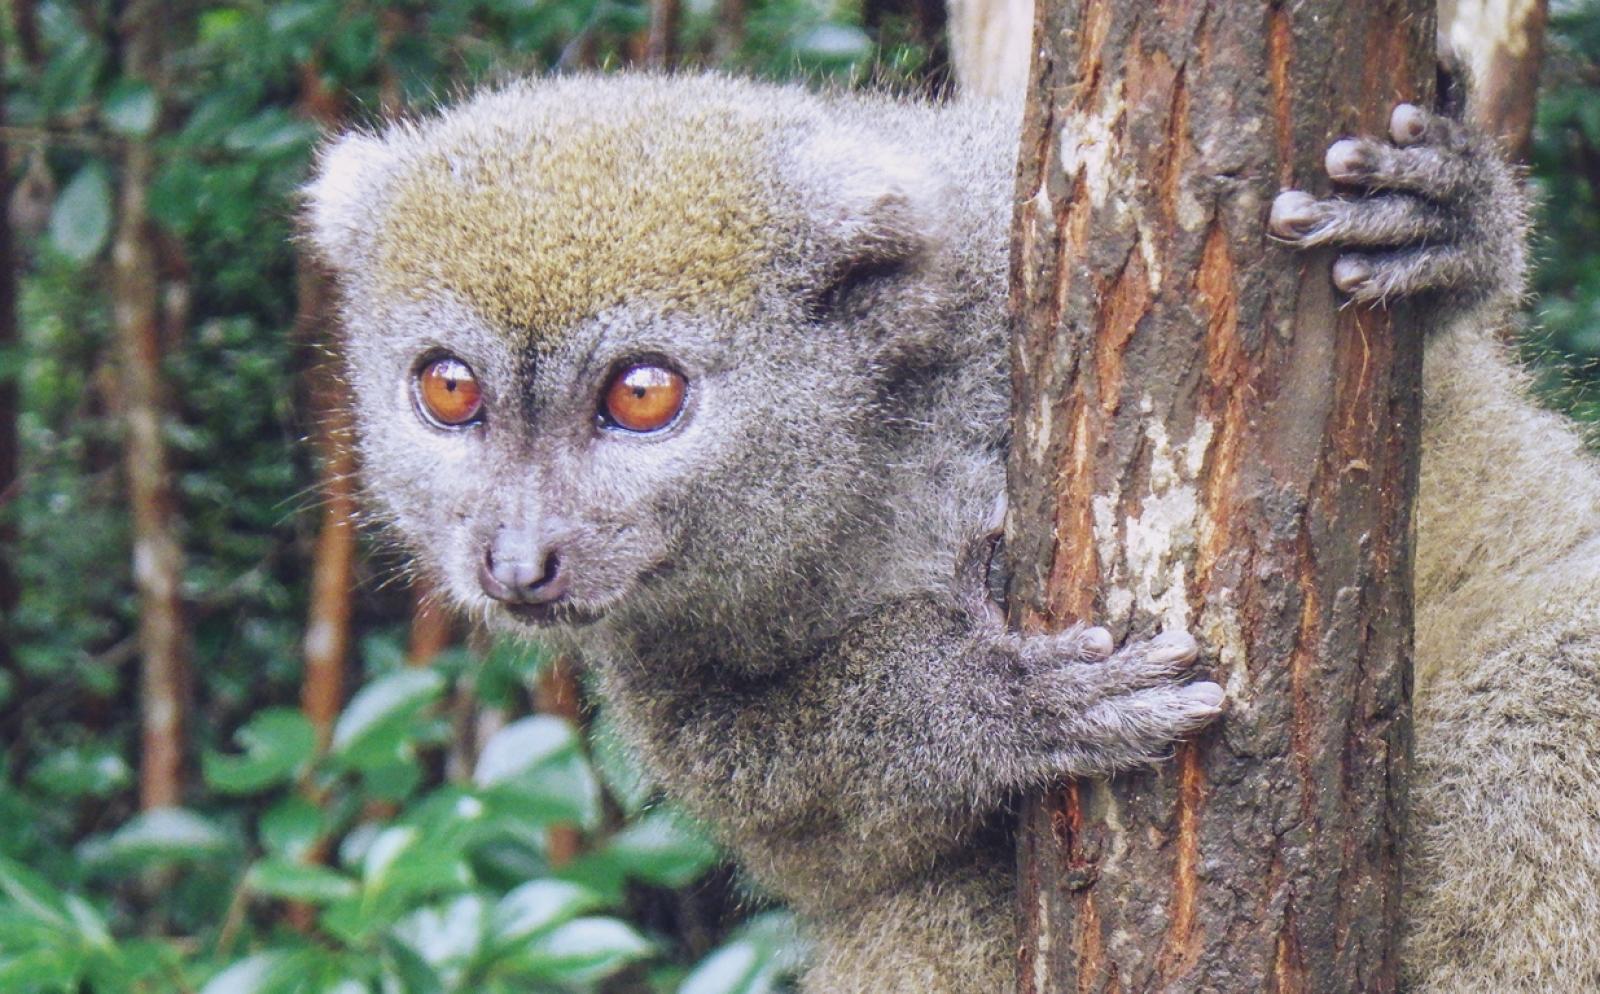 環境保護ボランティアR.H.さんがマダガスカルの熱帯雨林で見かけた野生動物